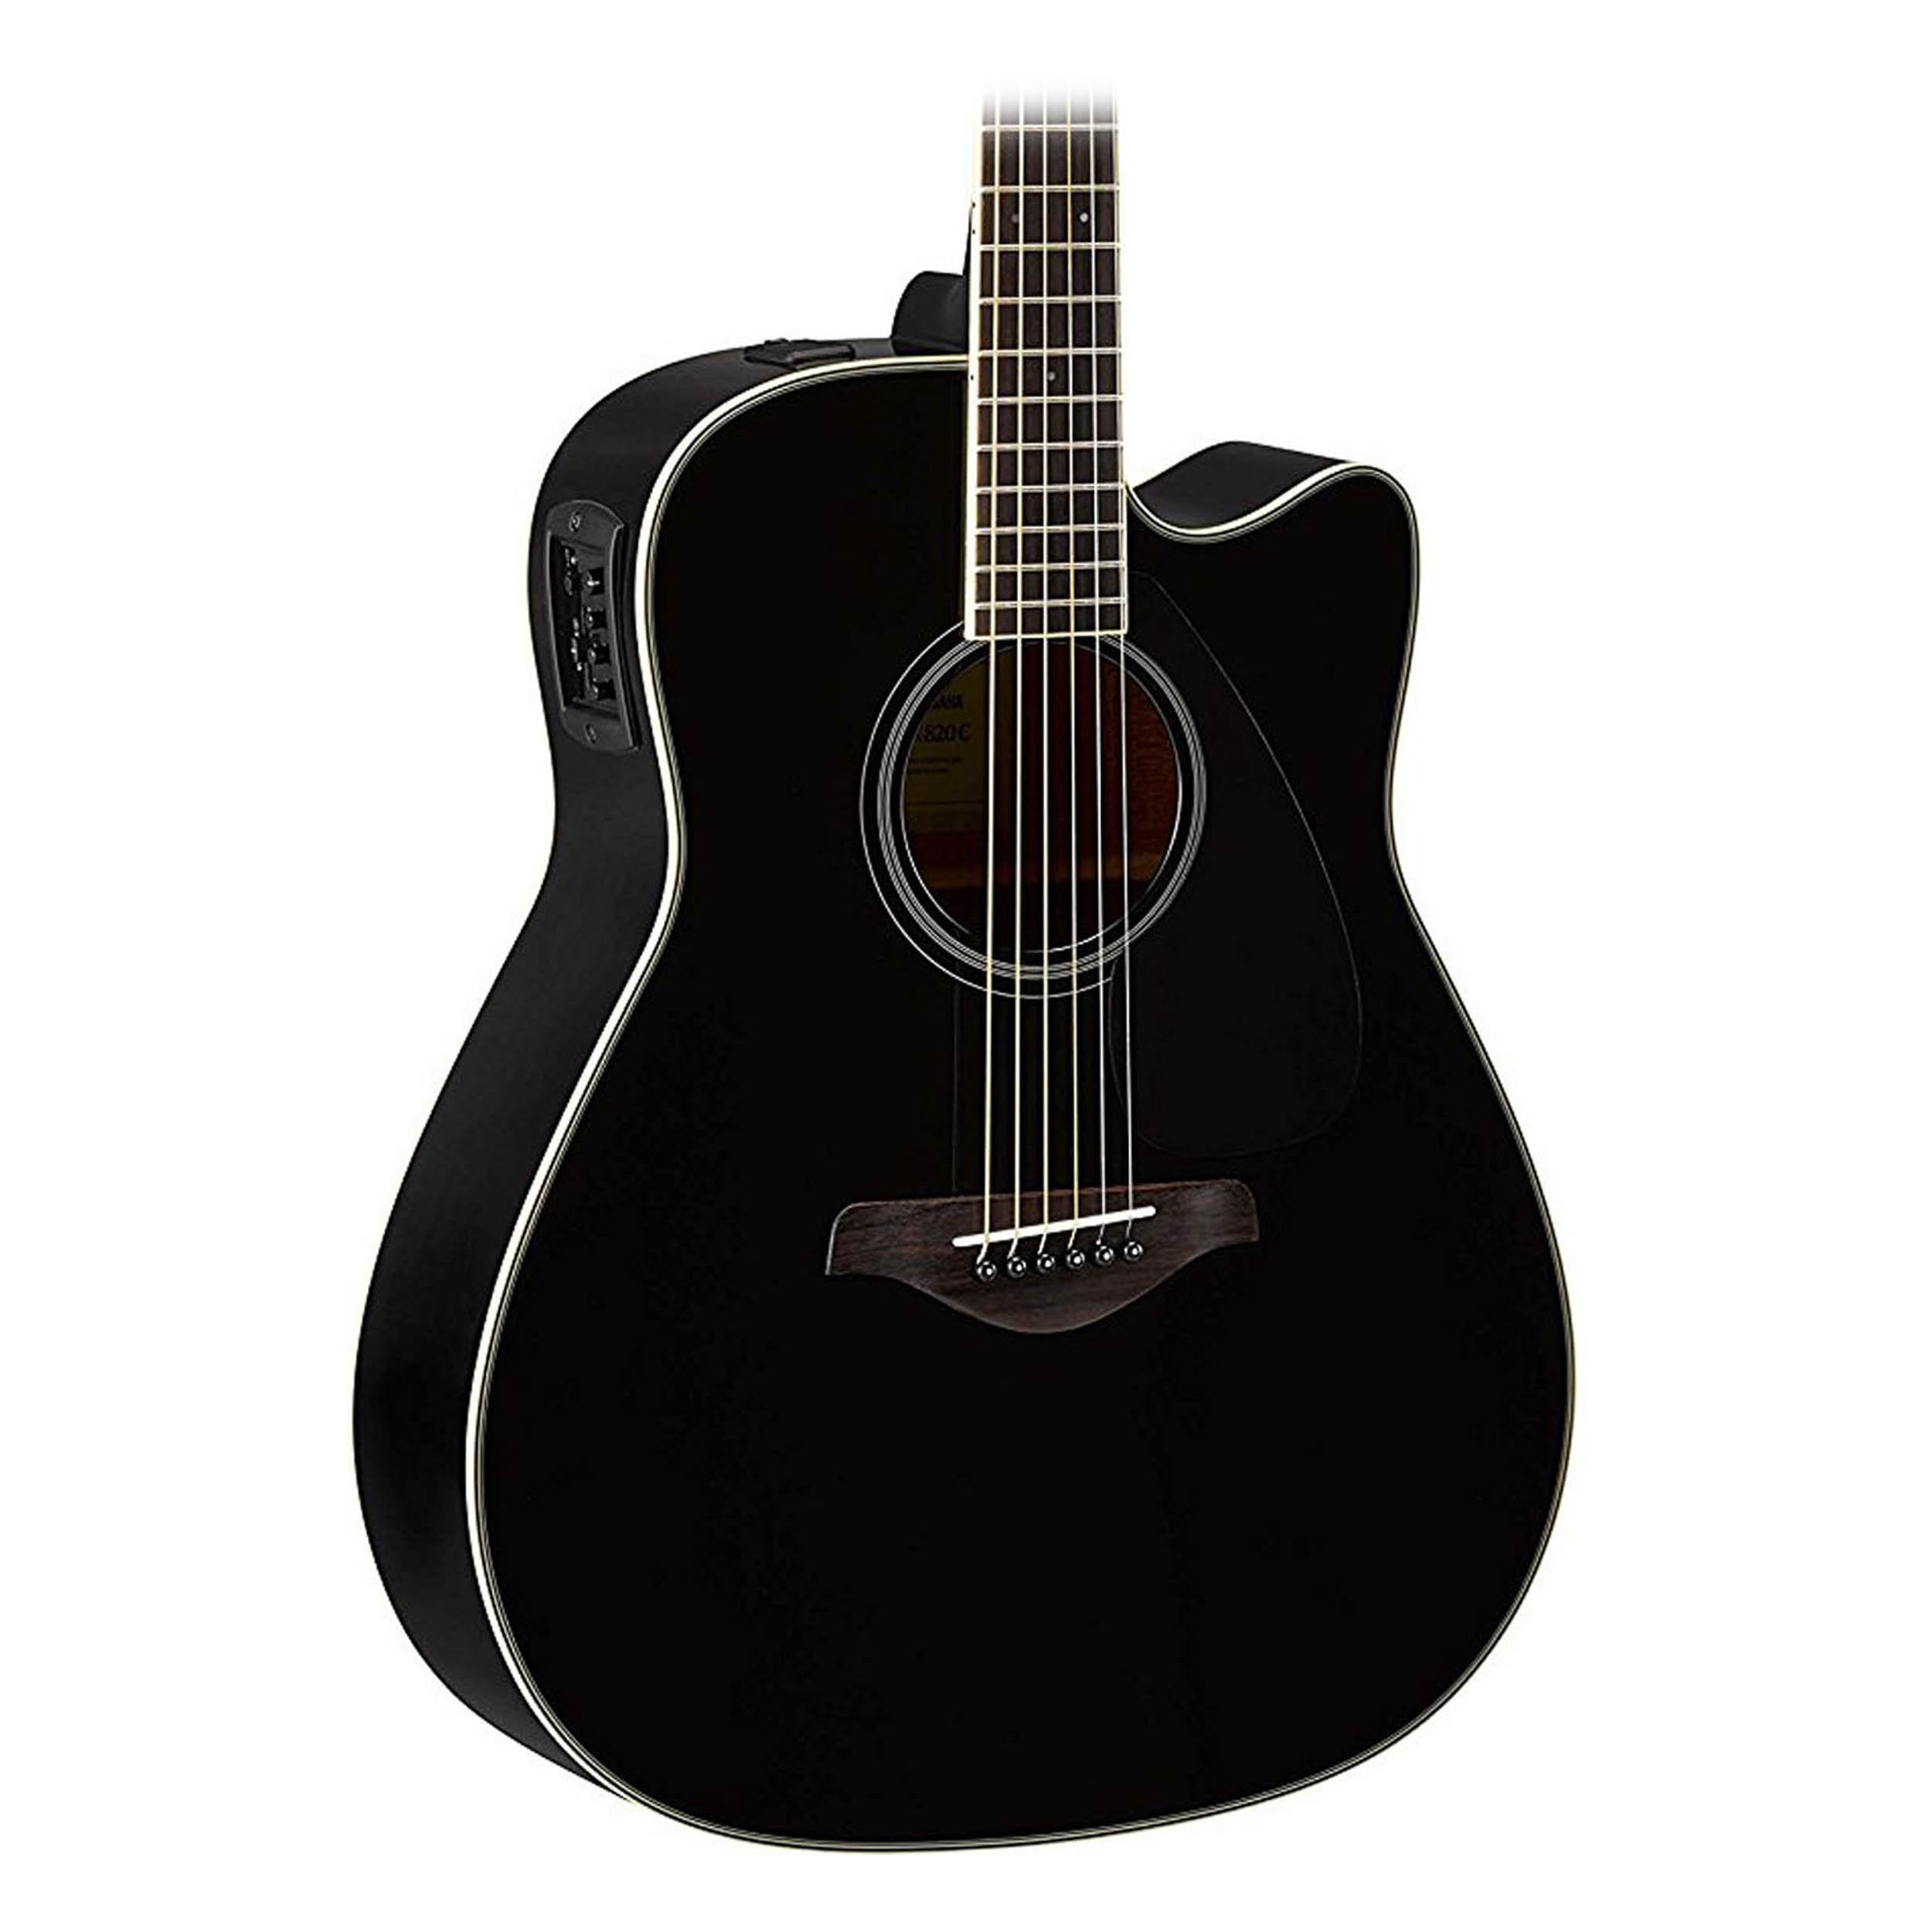 yamaha fgx800c acoustic electric guitar in black ebay. Black Bedroom Furniture Sets. Home Design Ideas